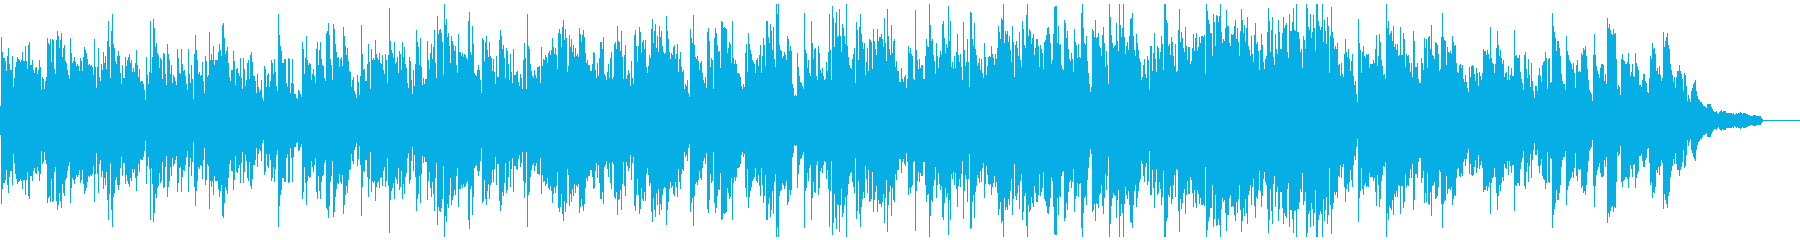 決意、達観した大人のマイナー調ボサノバの再生済みの波形